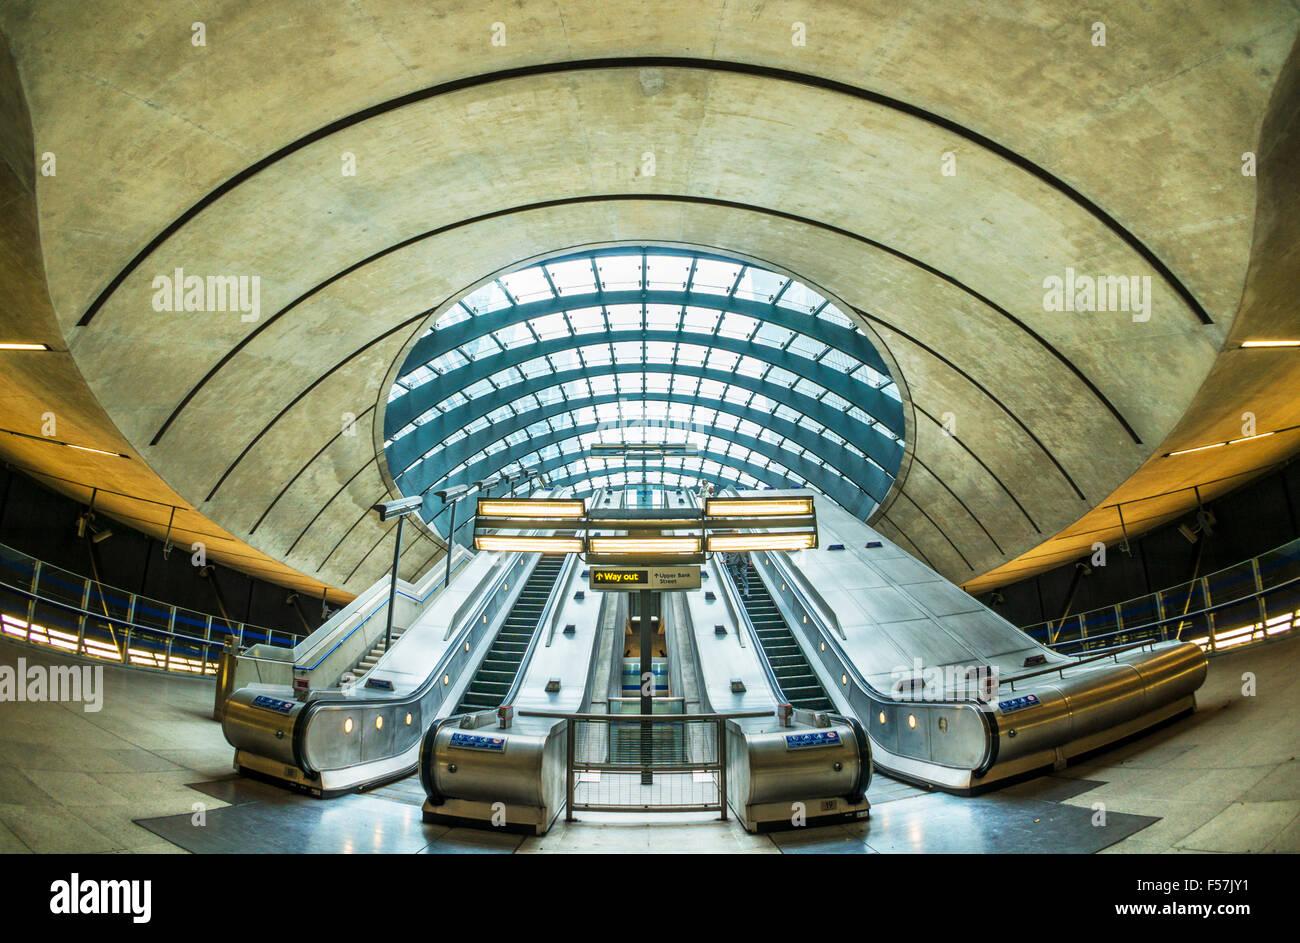 Canary wharf dlr underground station entrance with escalators London England UK Gb EU Europe - Stock Image